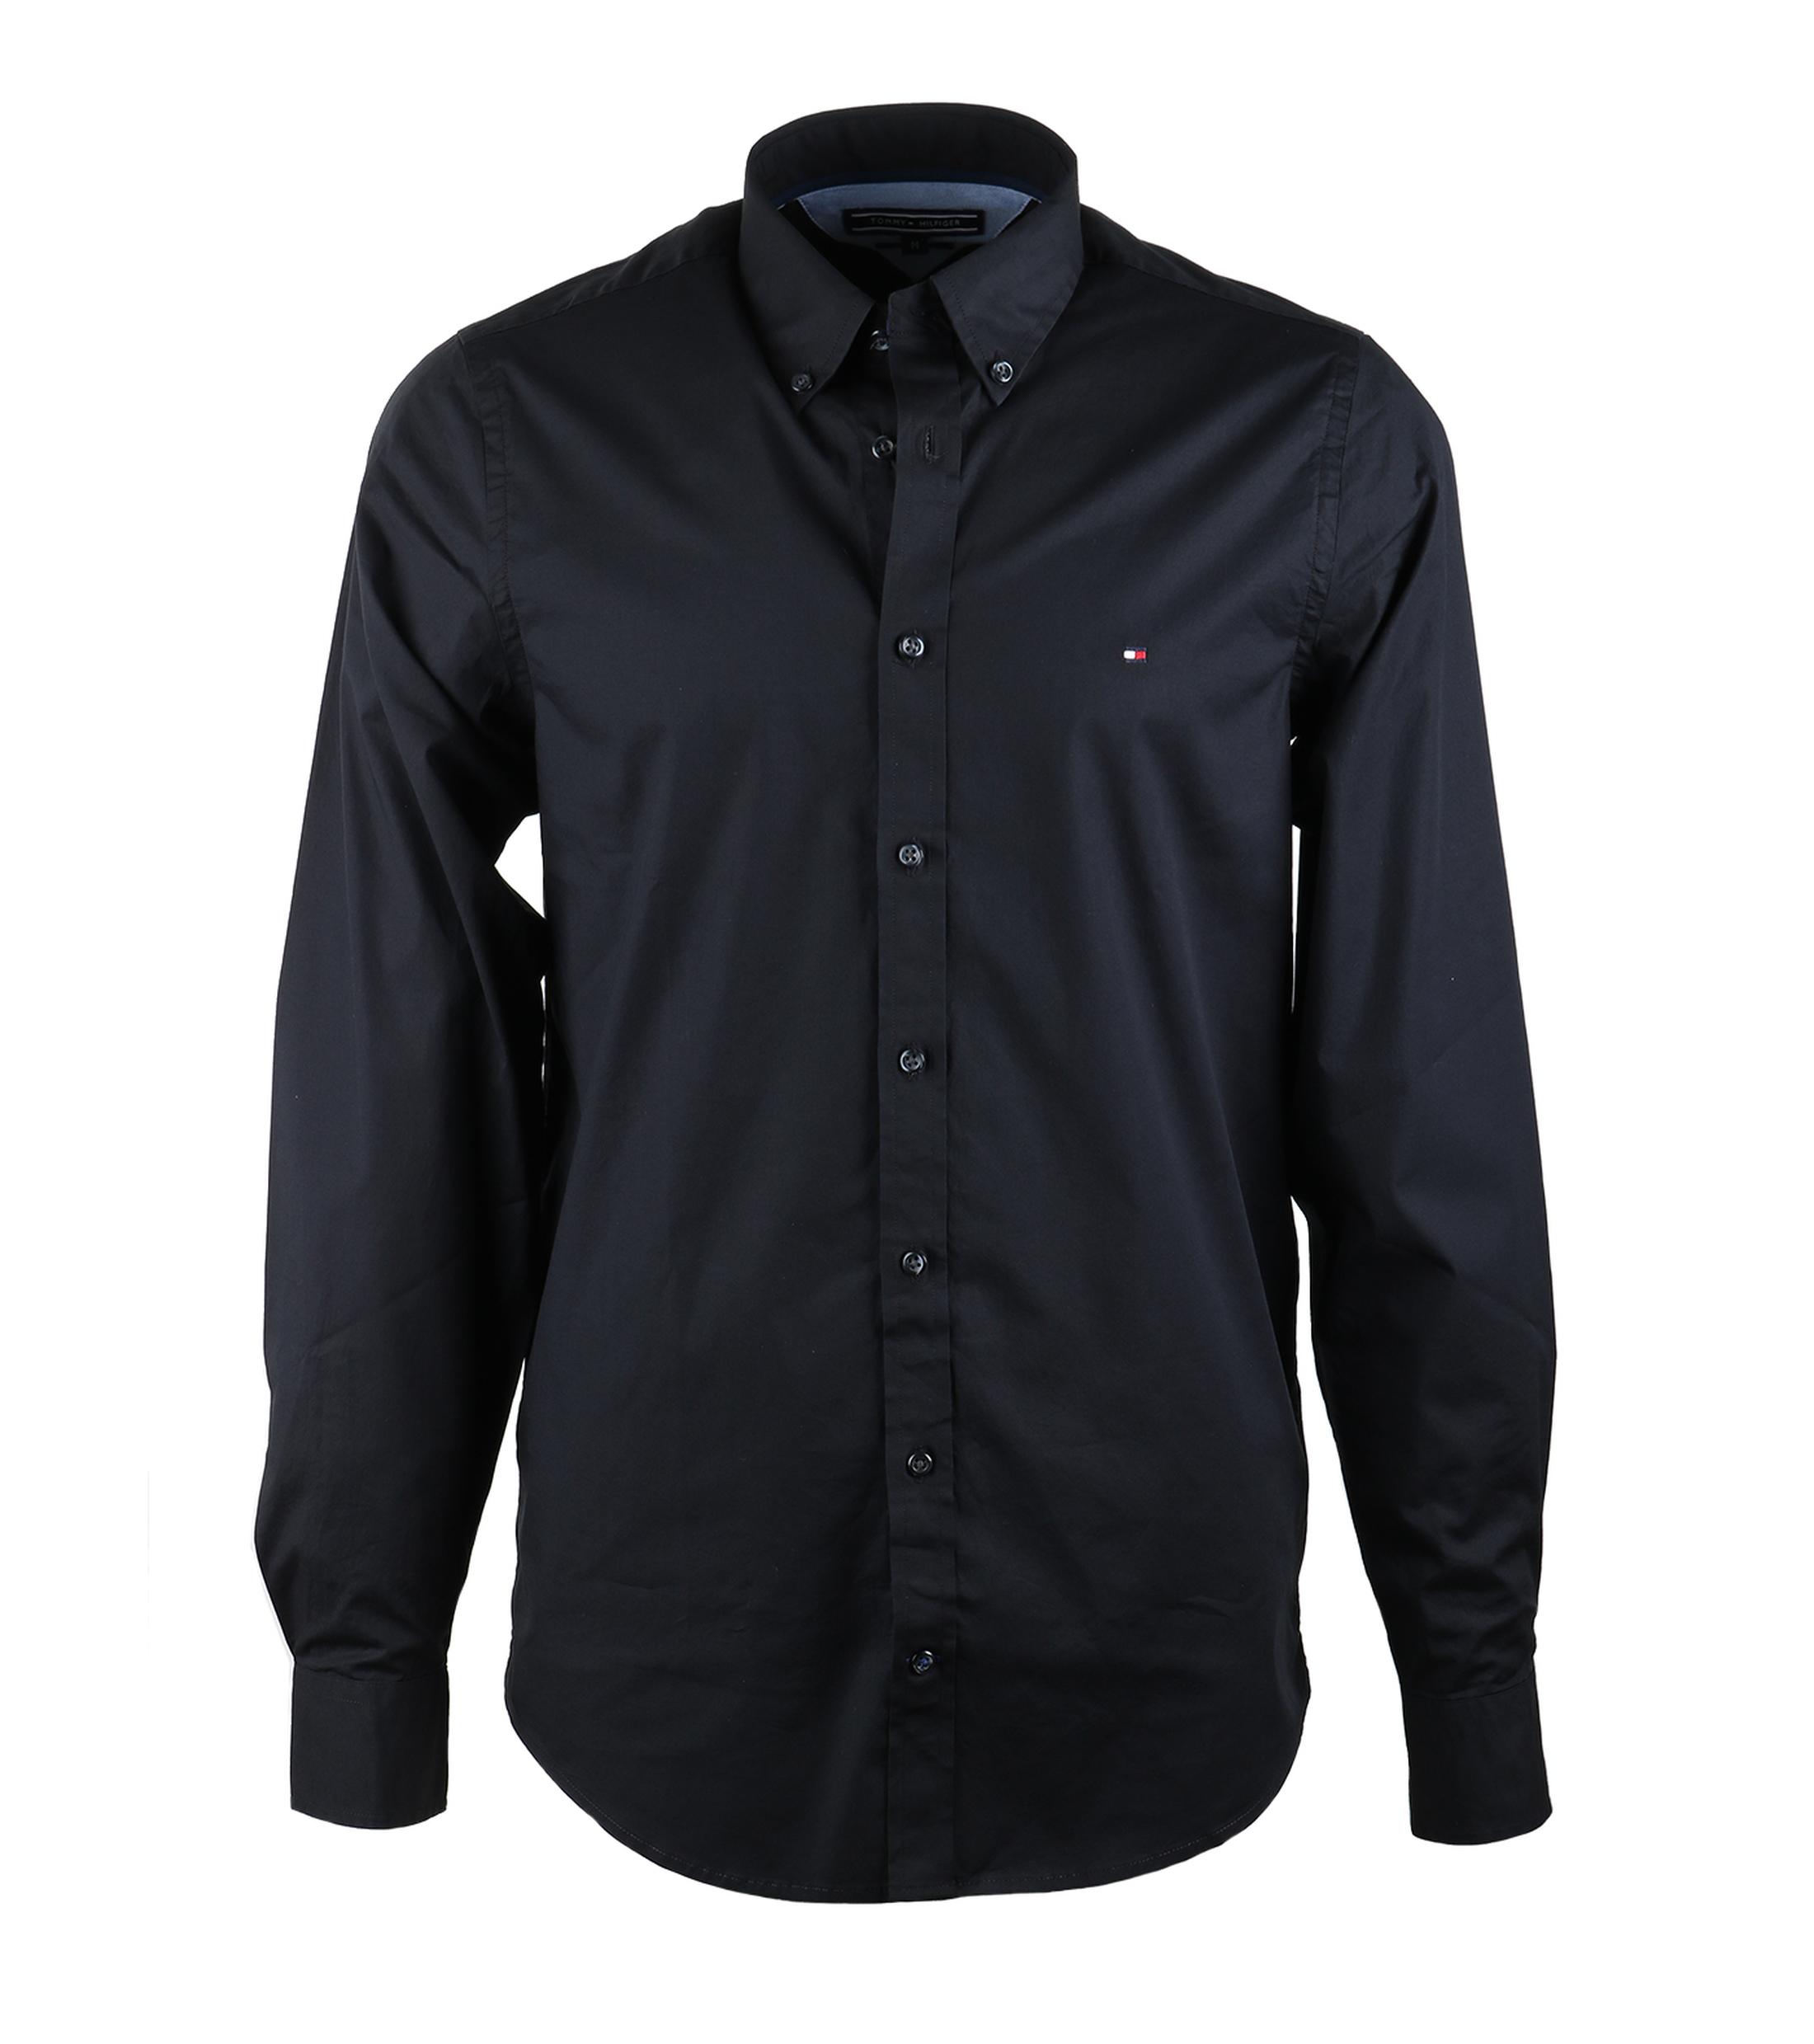 tommy hilfiger hemd schwarz online kaufen suitable. Black Bedroom Furniture Sets. Home Design Ideas